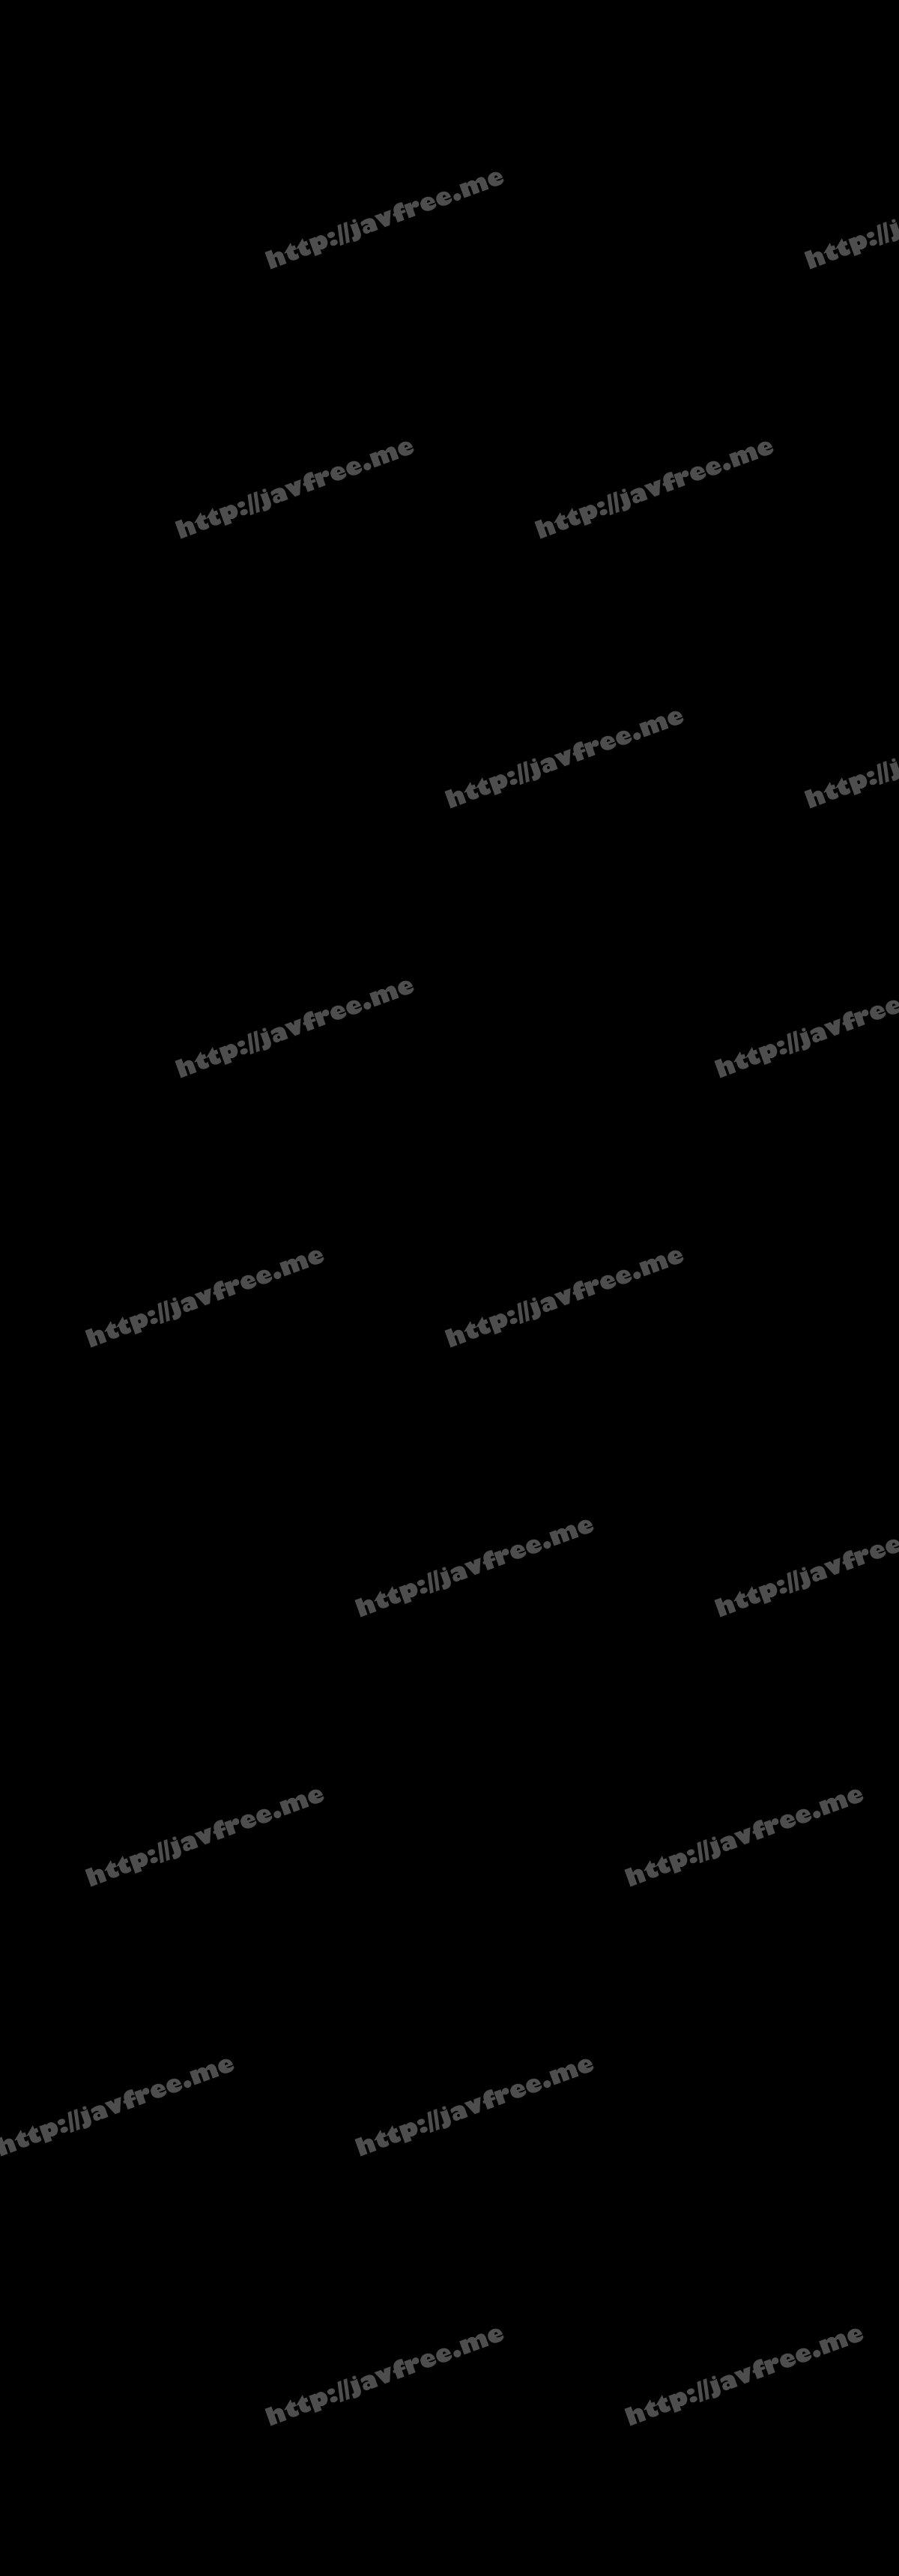 カリビアンコム 032321-001 大量口内射精&ぶっかけオンパレード! 透け透けセーラー服姿でチンポを貪る涼宮のん! 涼宮のん - 無修正動画 - image 032321-001-carib on https://javfree.me